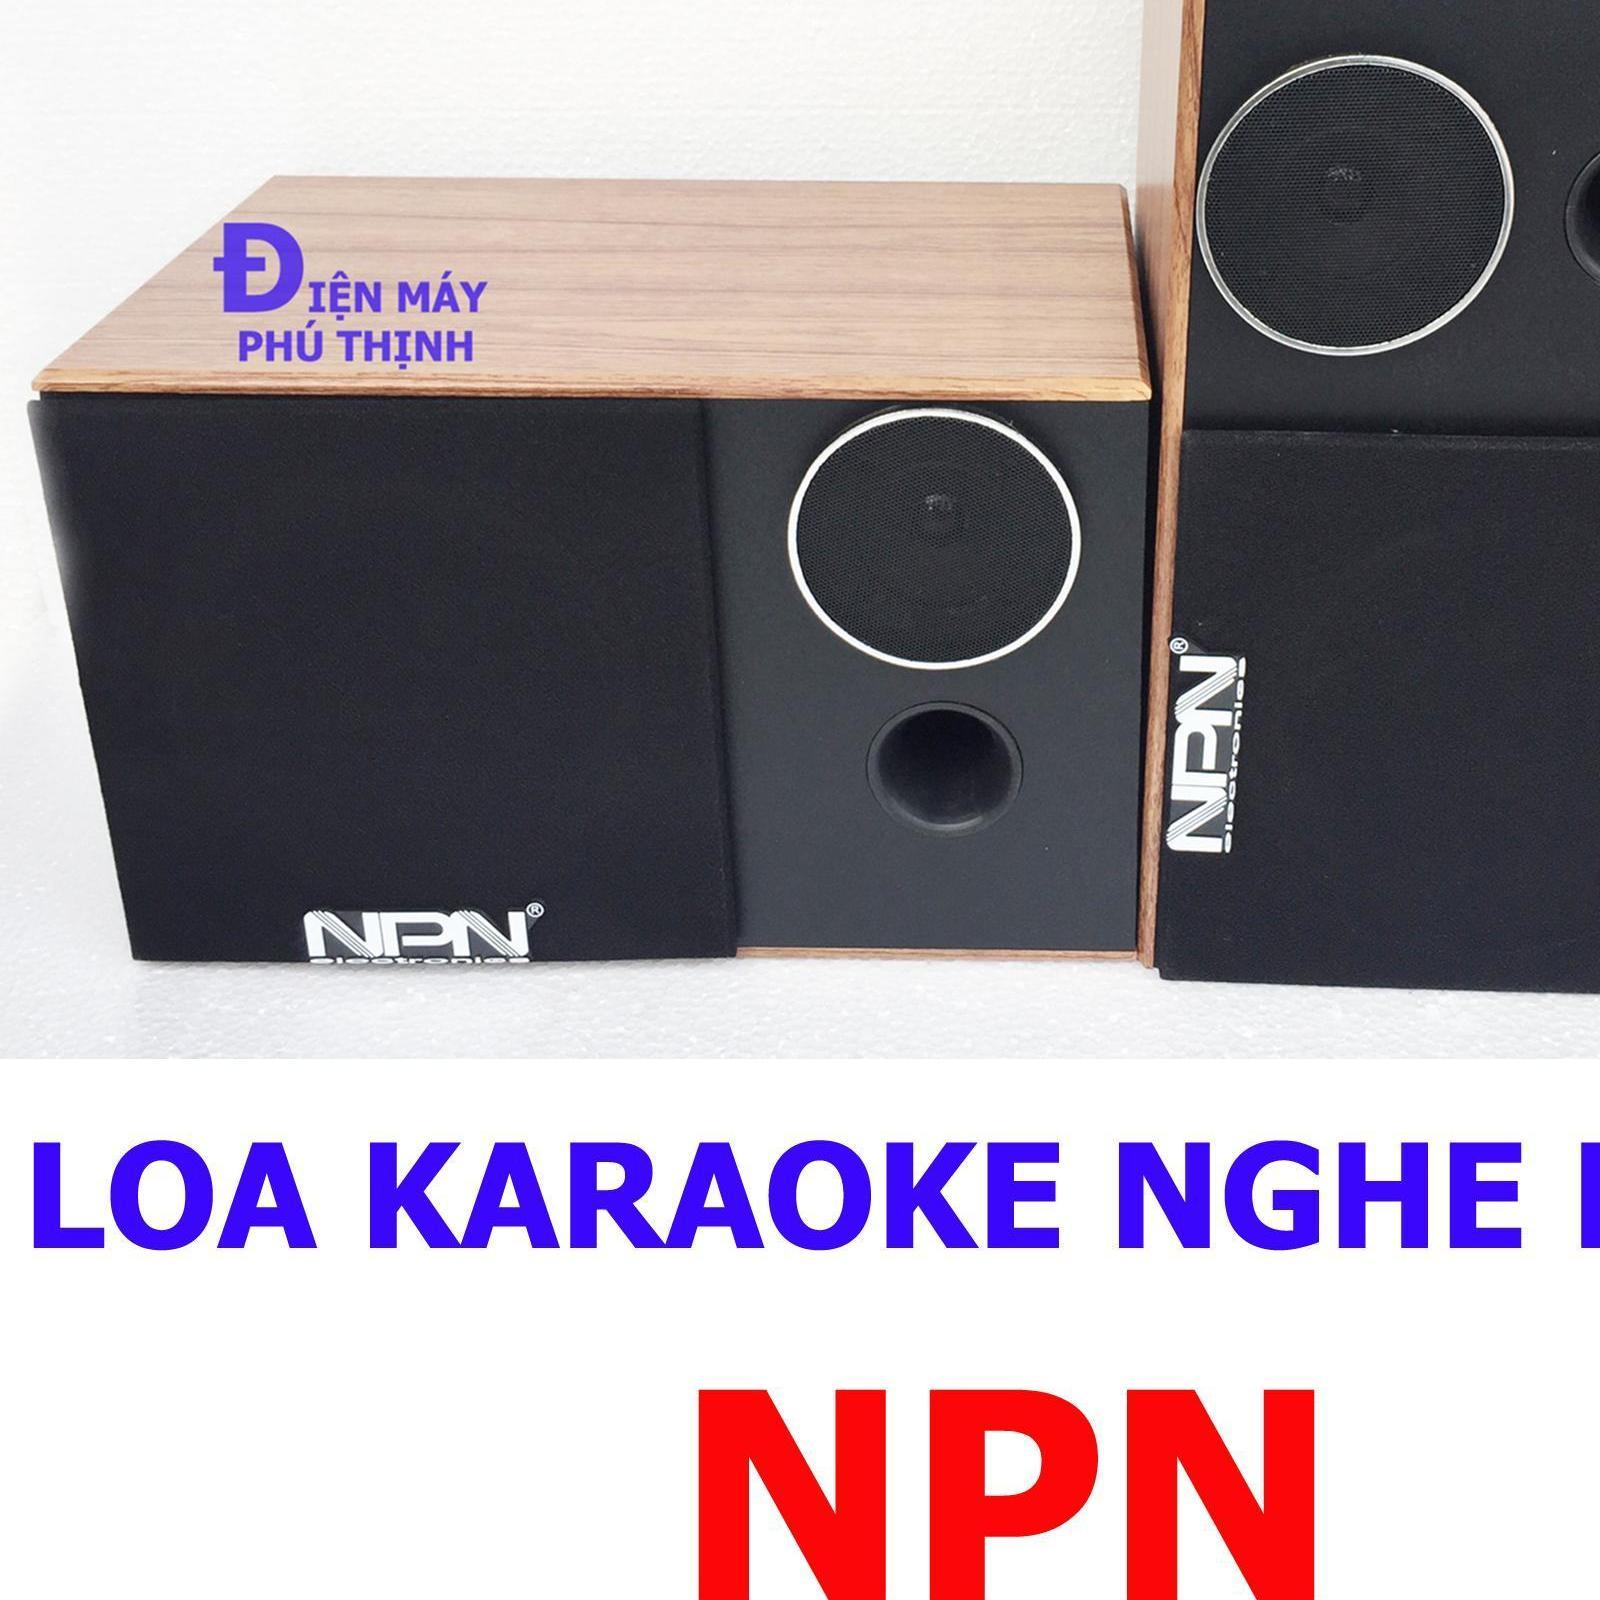 Cửa Hàng Loa Karaoke Loa Nghe Nhạc Gia Đinh Npn Pt2Tr Hat Karaoke Hay Gia Rẻ An Giang